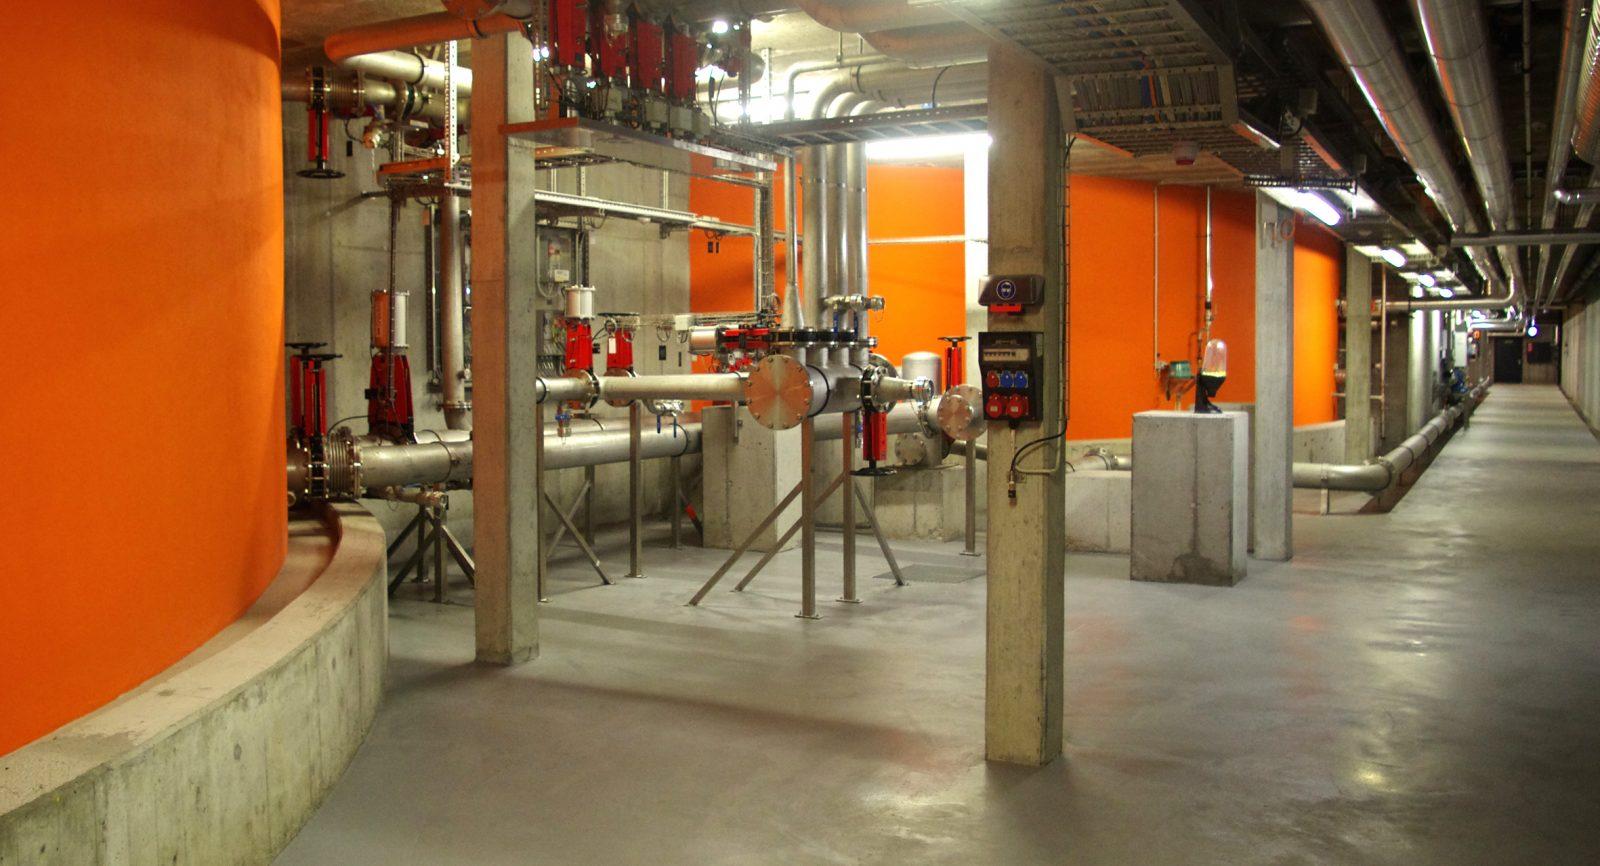 Die verfahrenstechnischen Armaturen der beiden Hauptfermenter befinden sich in einem Verbindungsgang, geschützt und jederzeit zugänglich.